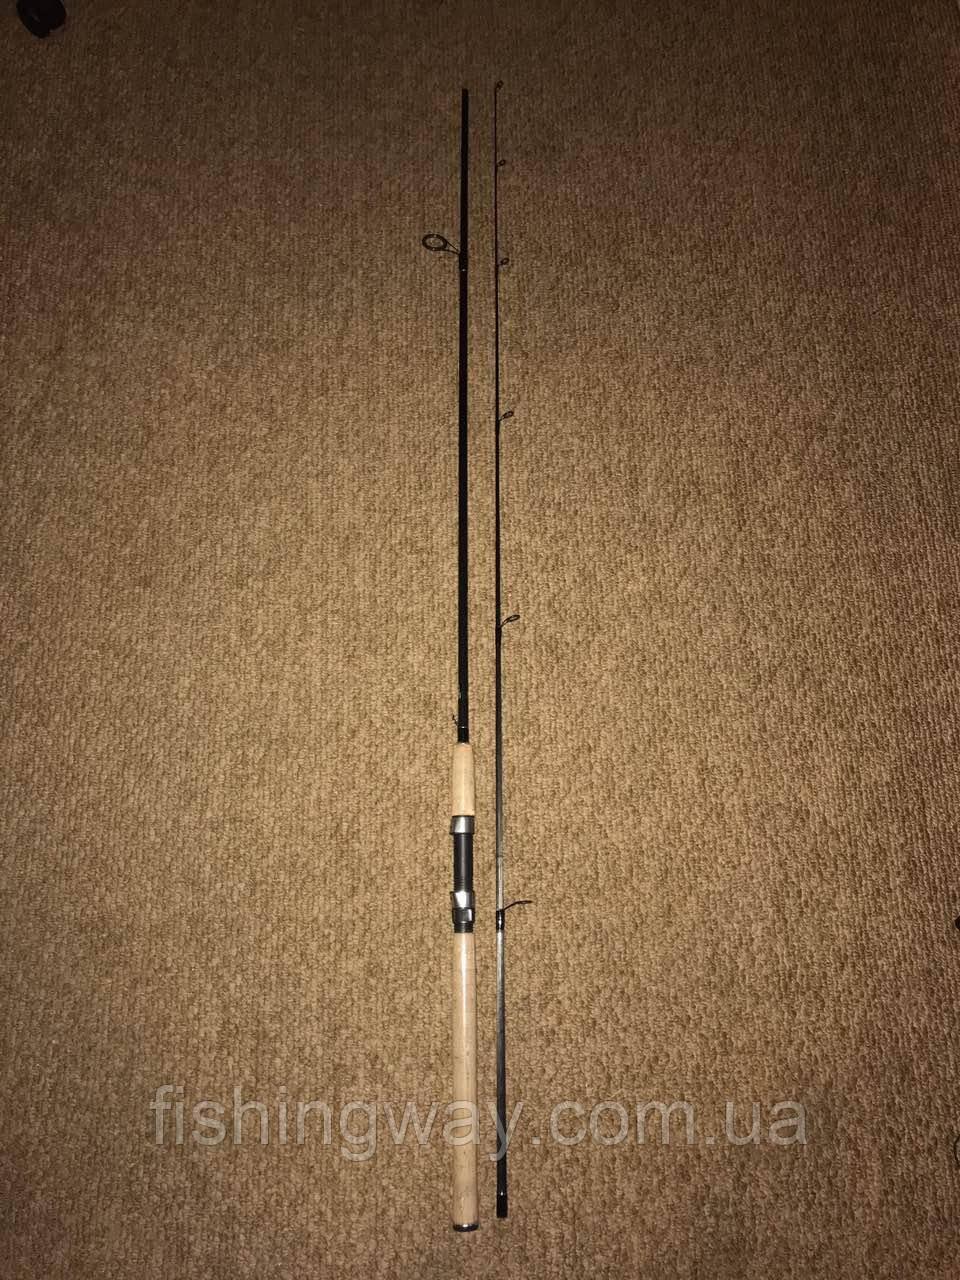 Спиннинг штекер Etovei Finesse 2,10m (10-30g)